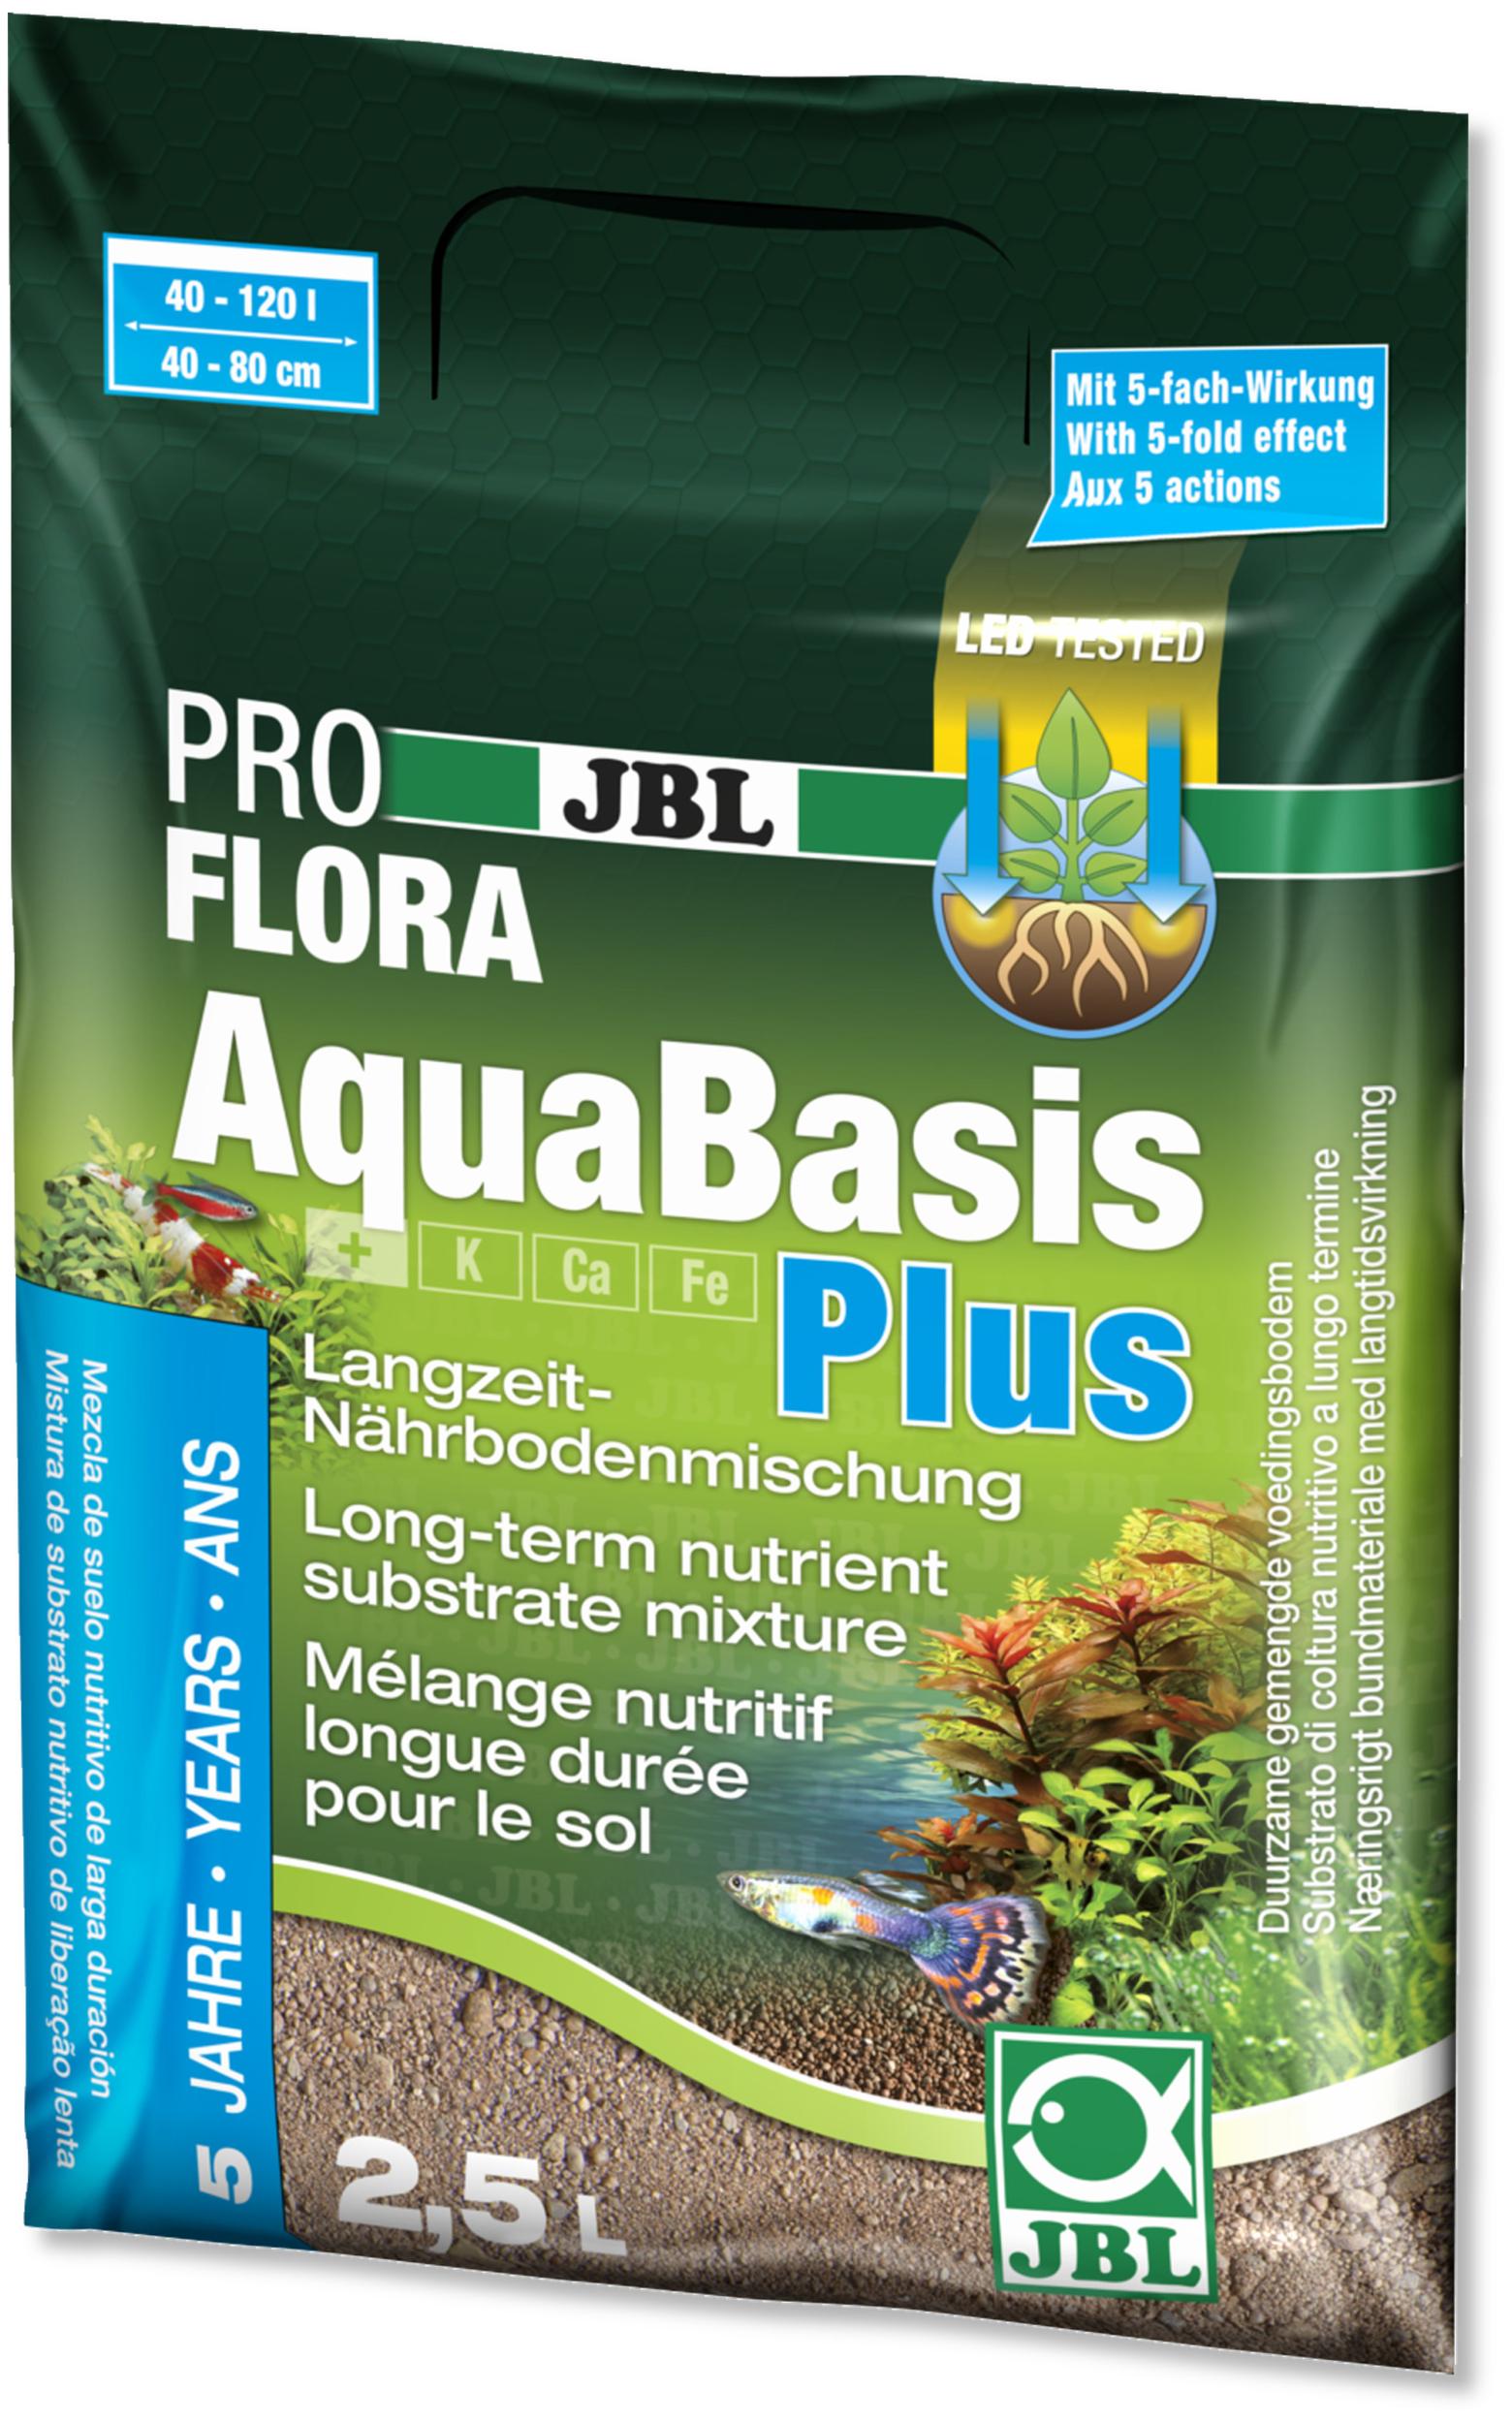 JBL ProFlora AquaBasis Plus 2,5 L substrat nutritif pour aquarium de 40 à 120 L ou 40 à 80 cm